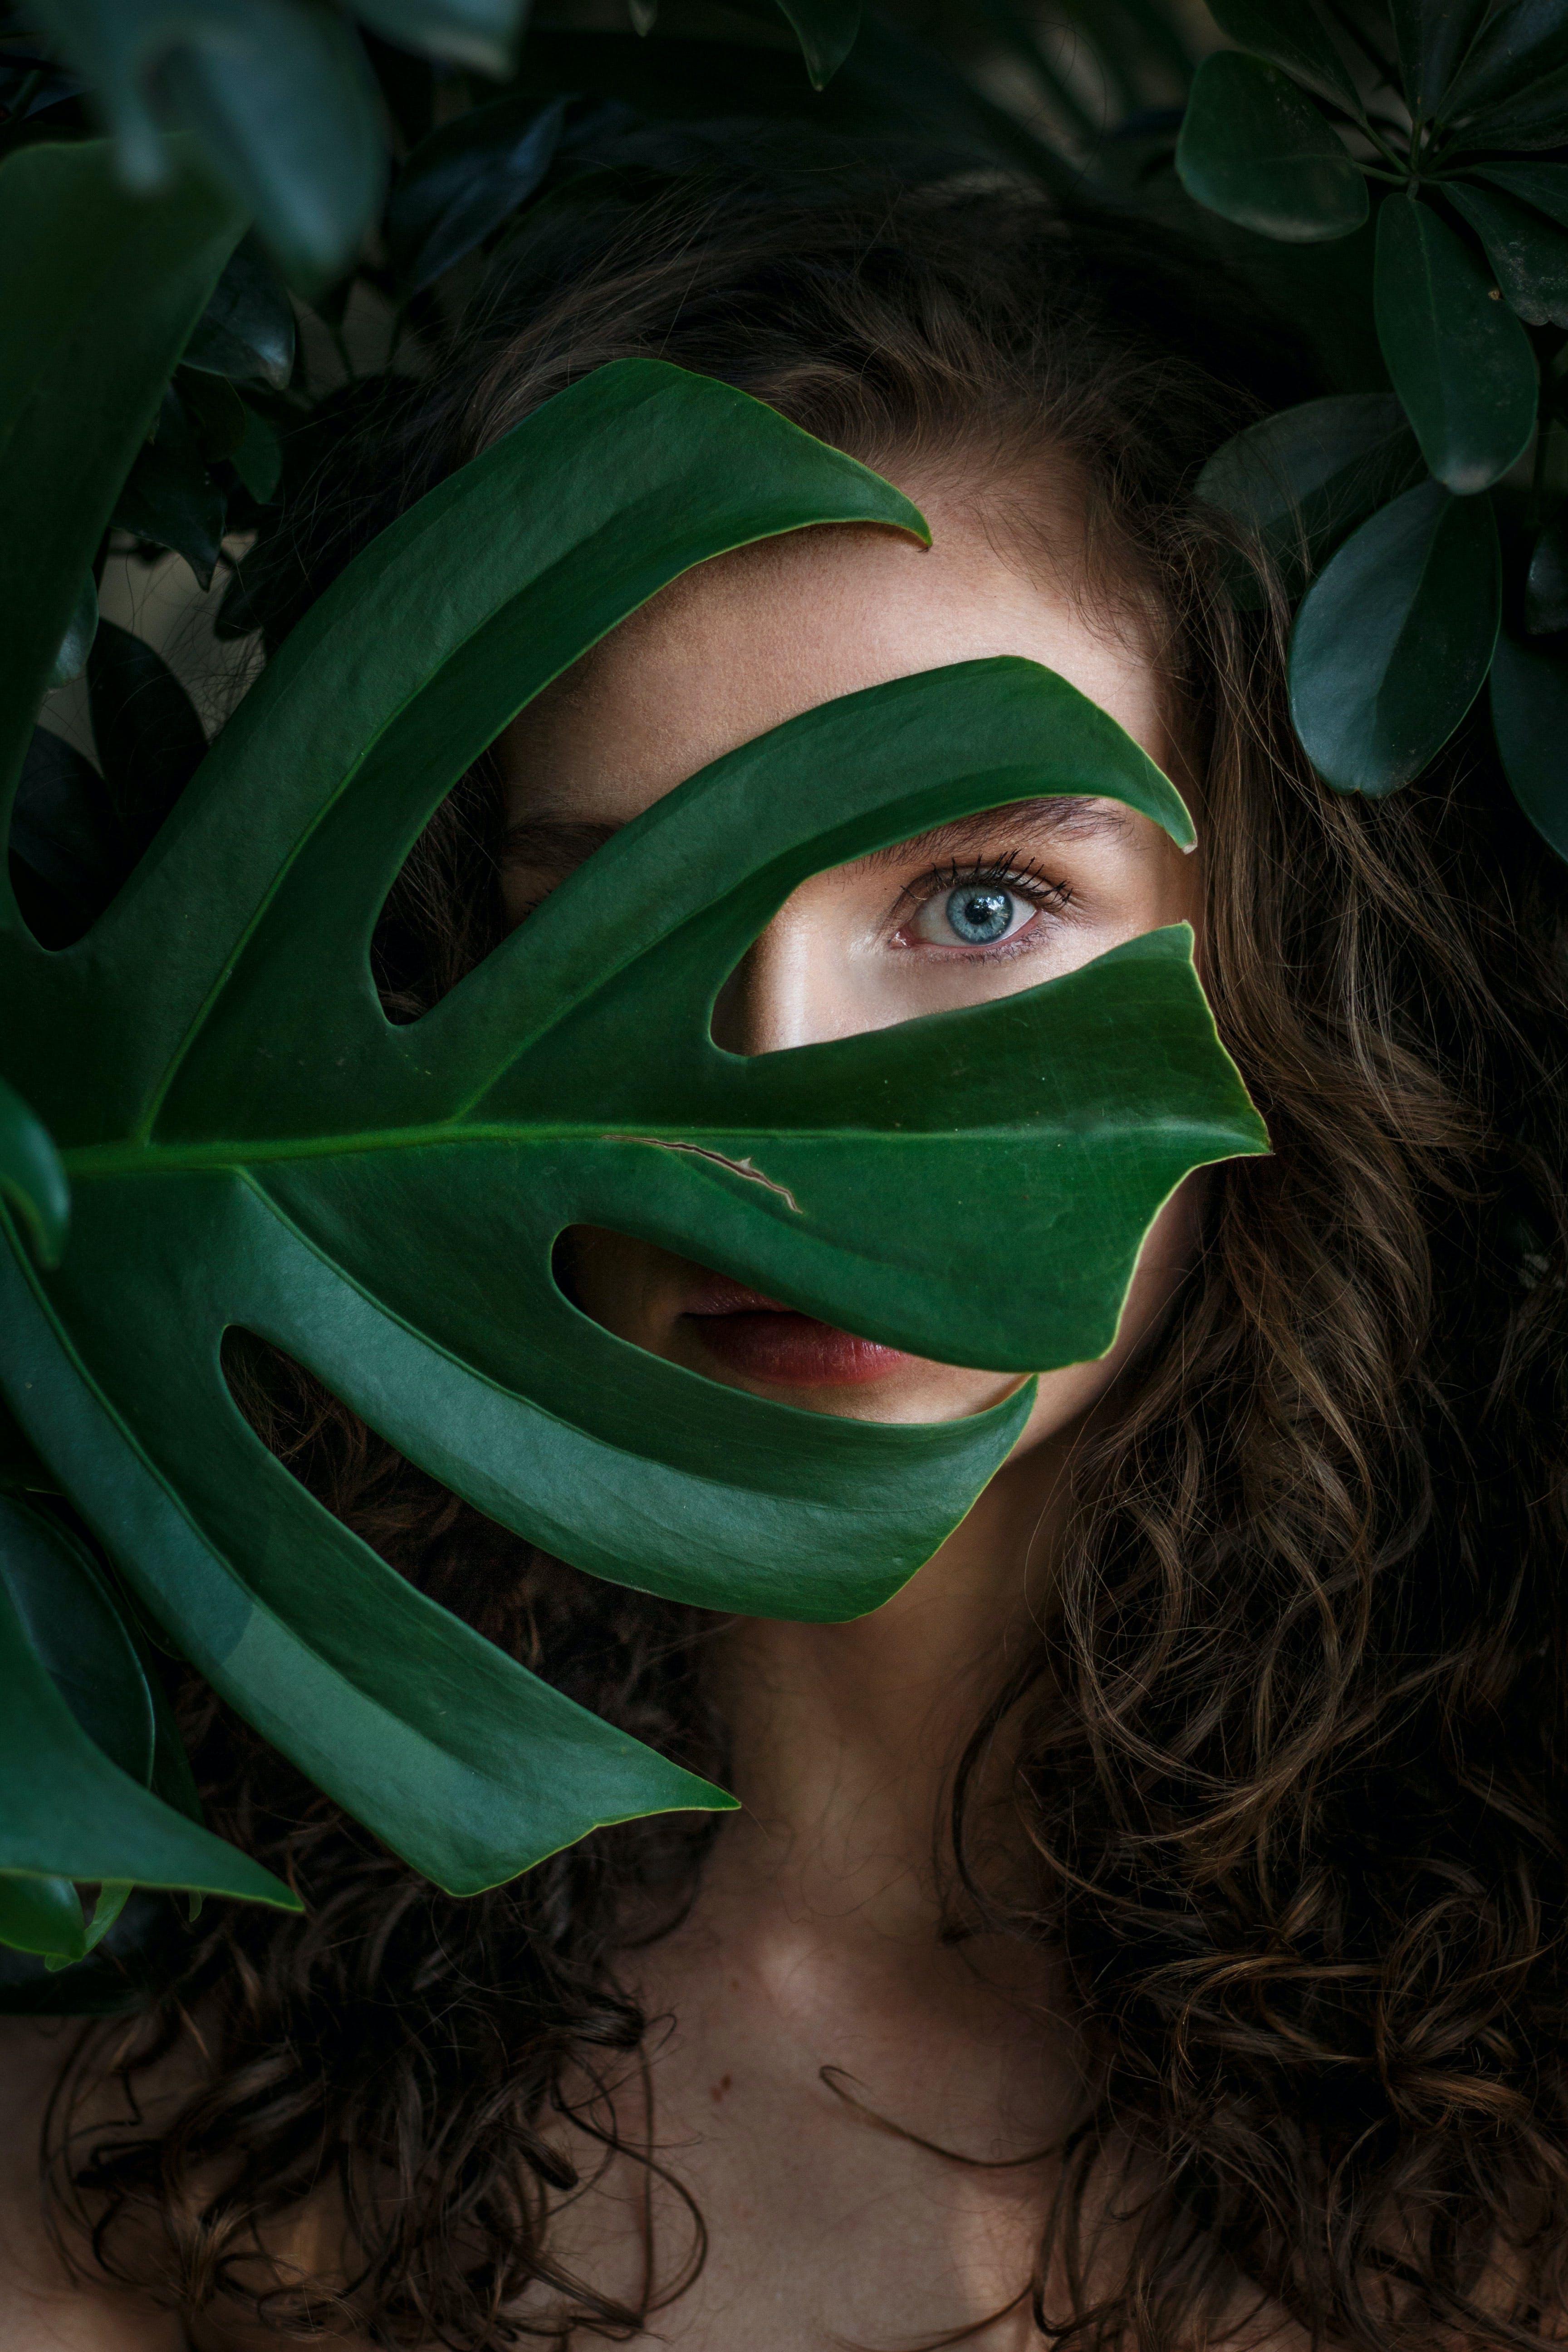 Kostenloses Stock Foto zu blätter, blaue augen, freifrau, grün